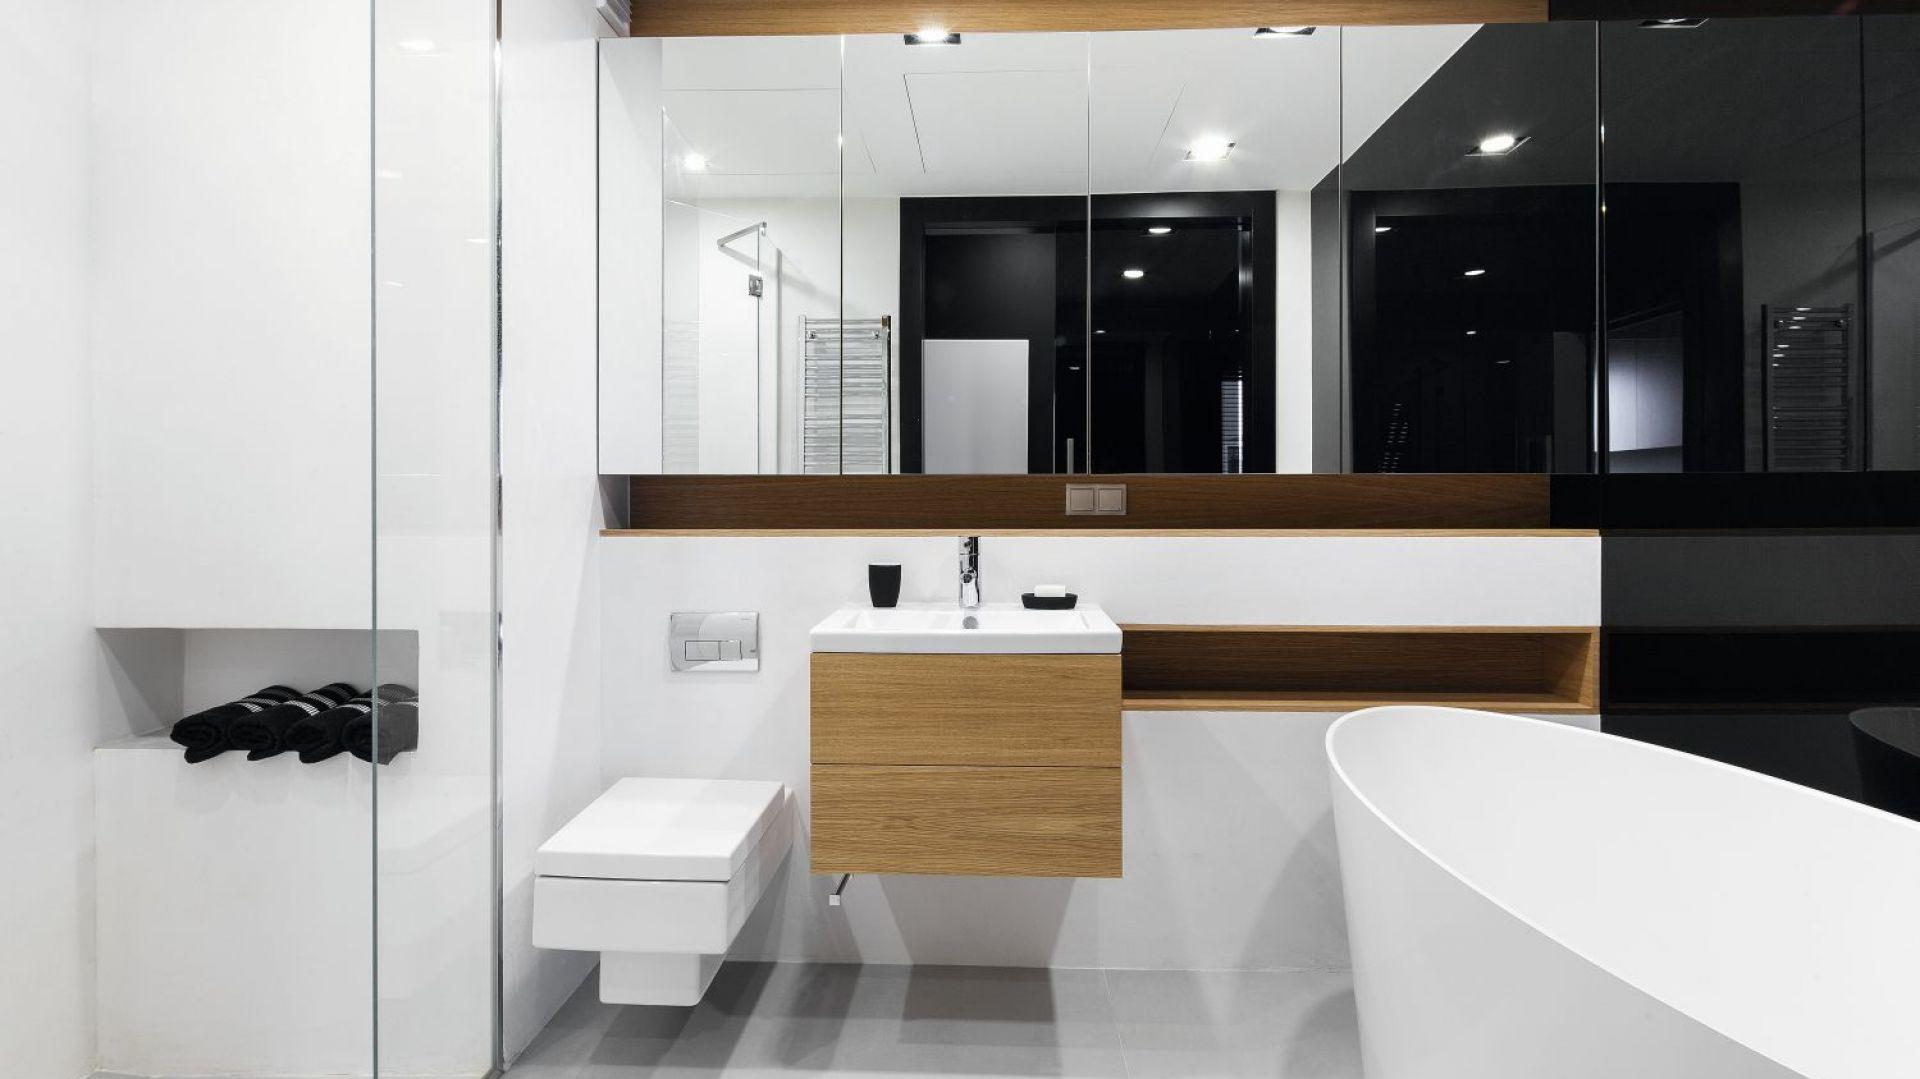 Pomysł na podłogę w łazience. Proj. Monika i Adam Bronikowscy. Fot. Bartosz Jarosz